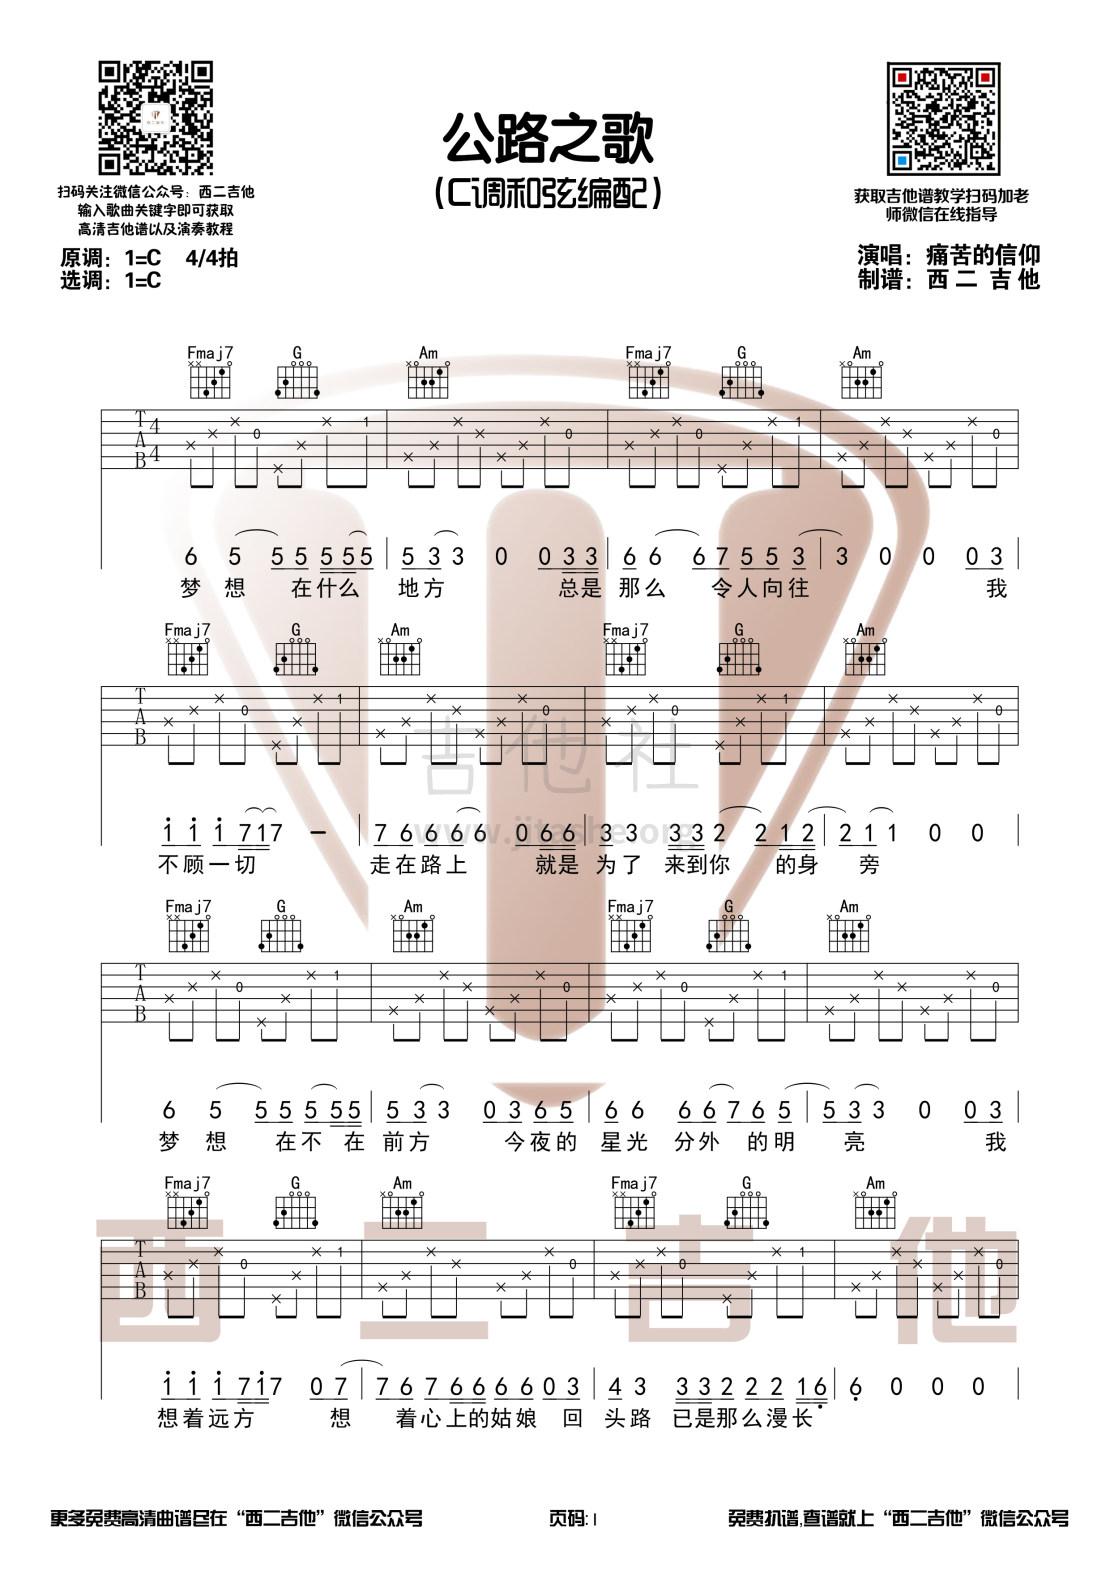 公路之歌(原版吉他谱+演奏视频 西二吉他)吉他谱(图片谱,弹唱,C调)_痛苦的信仰(痛仰)_公路之歌1.jpg